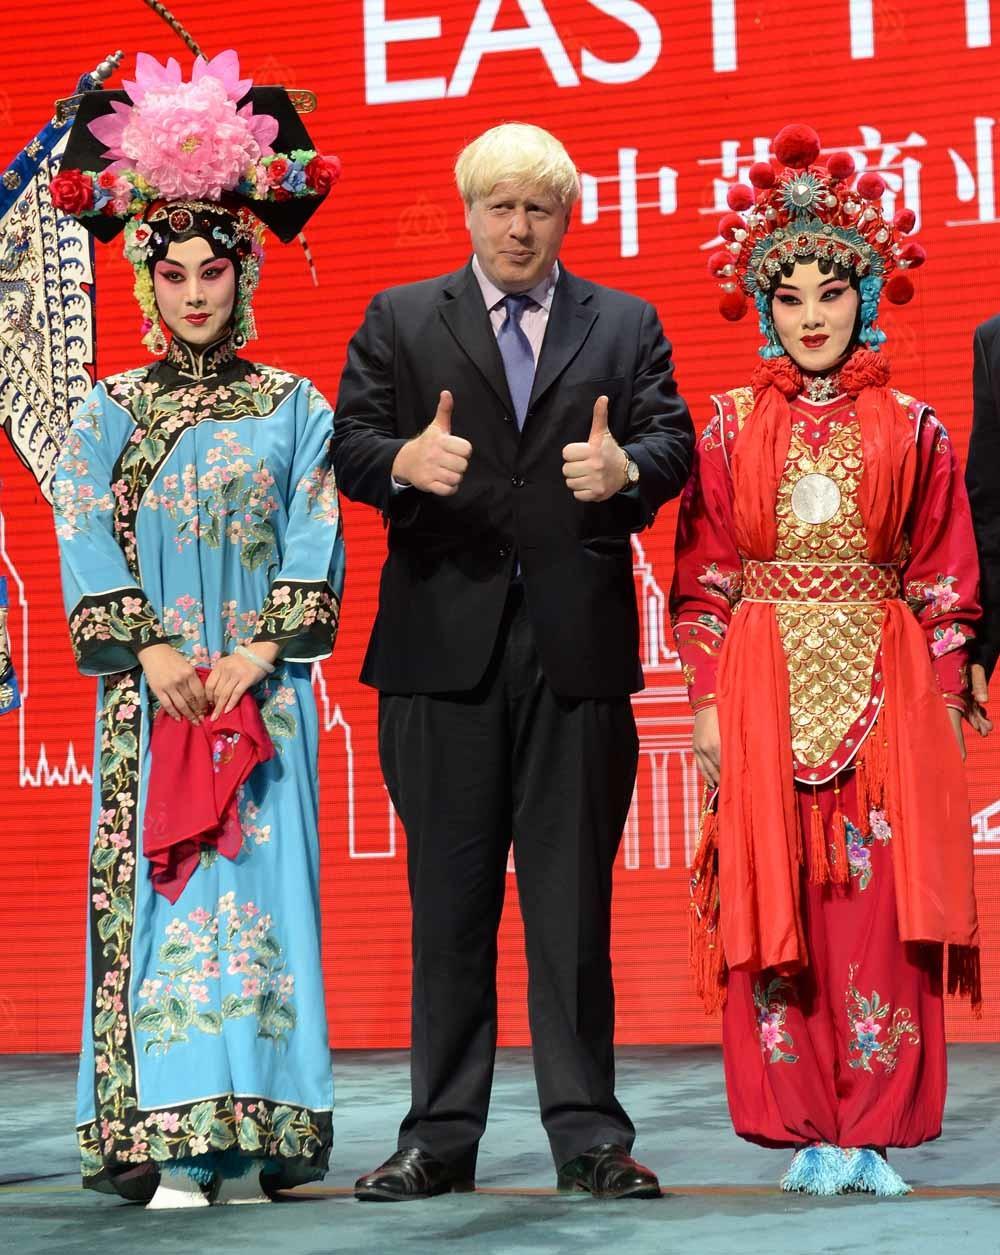 Johnson ontmoet actrices van de Peking- opera in zijn functie als burgemeester van Londen. – © Stefan Rousseau / Getty